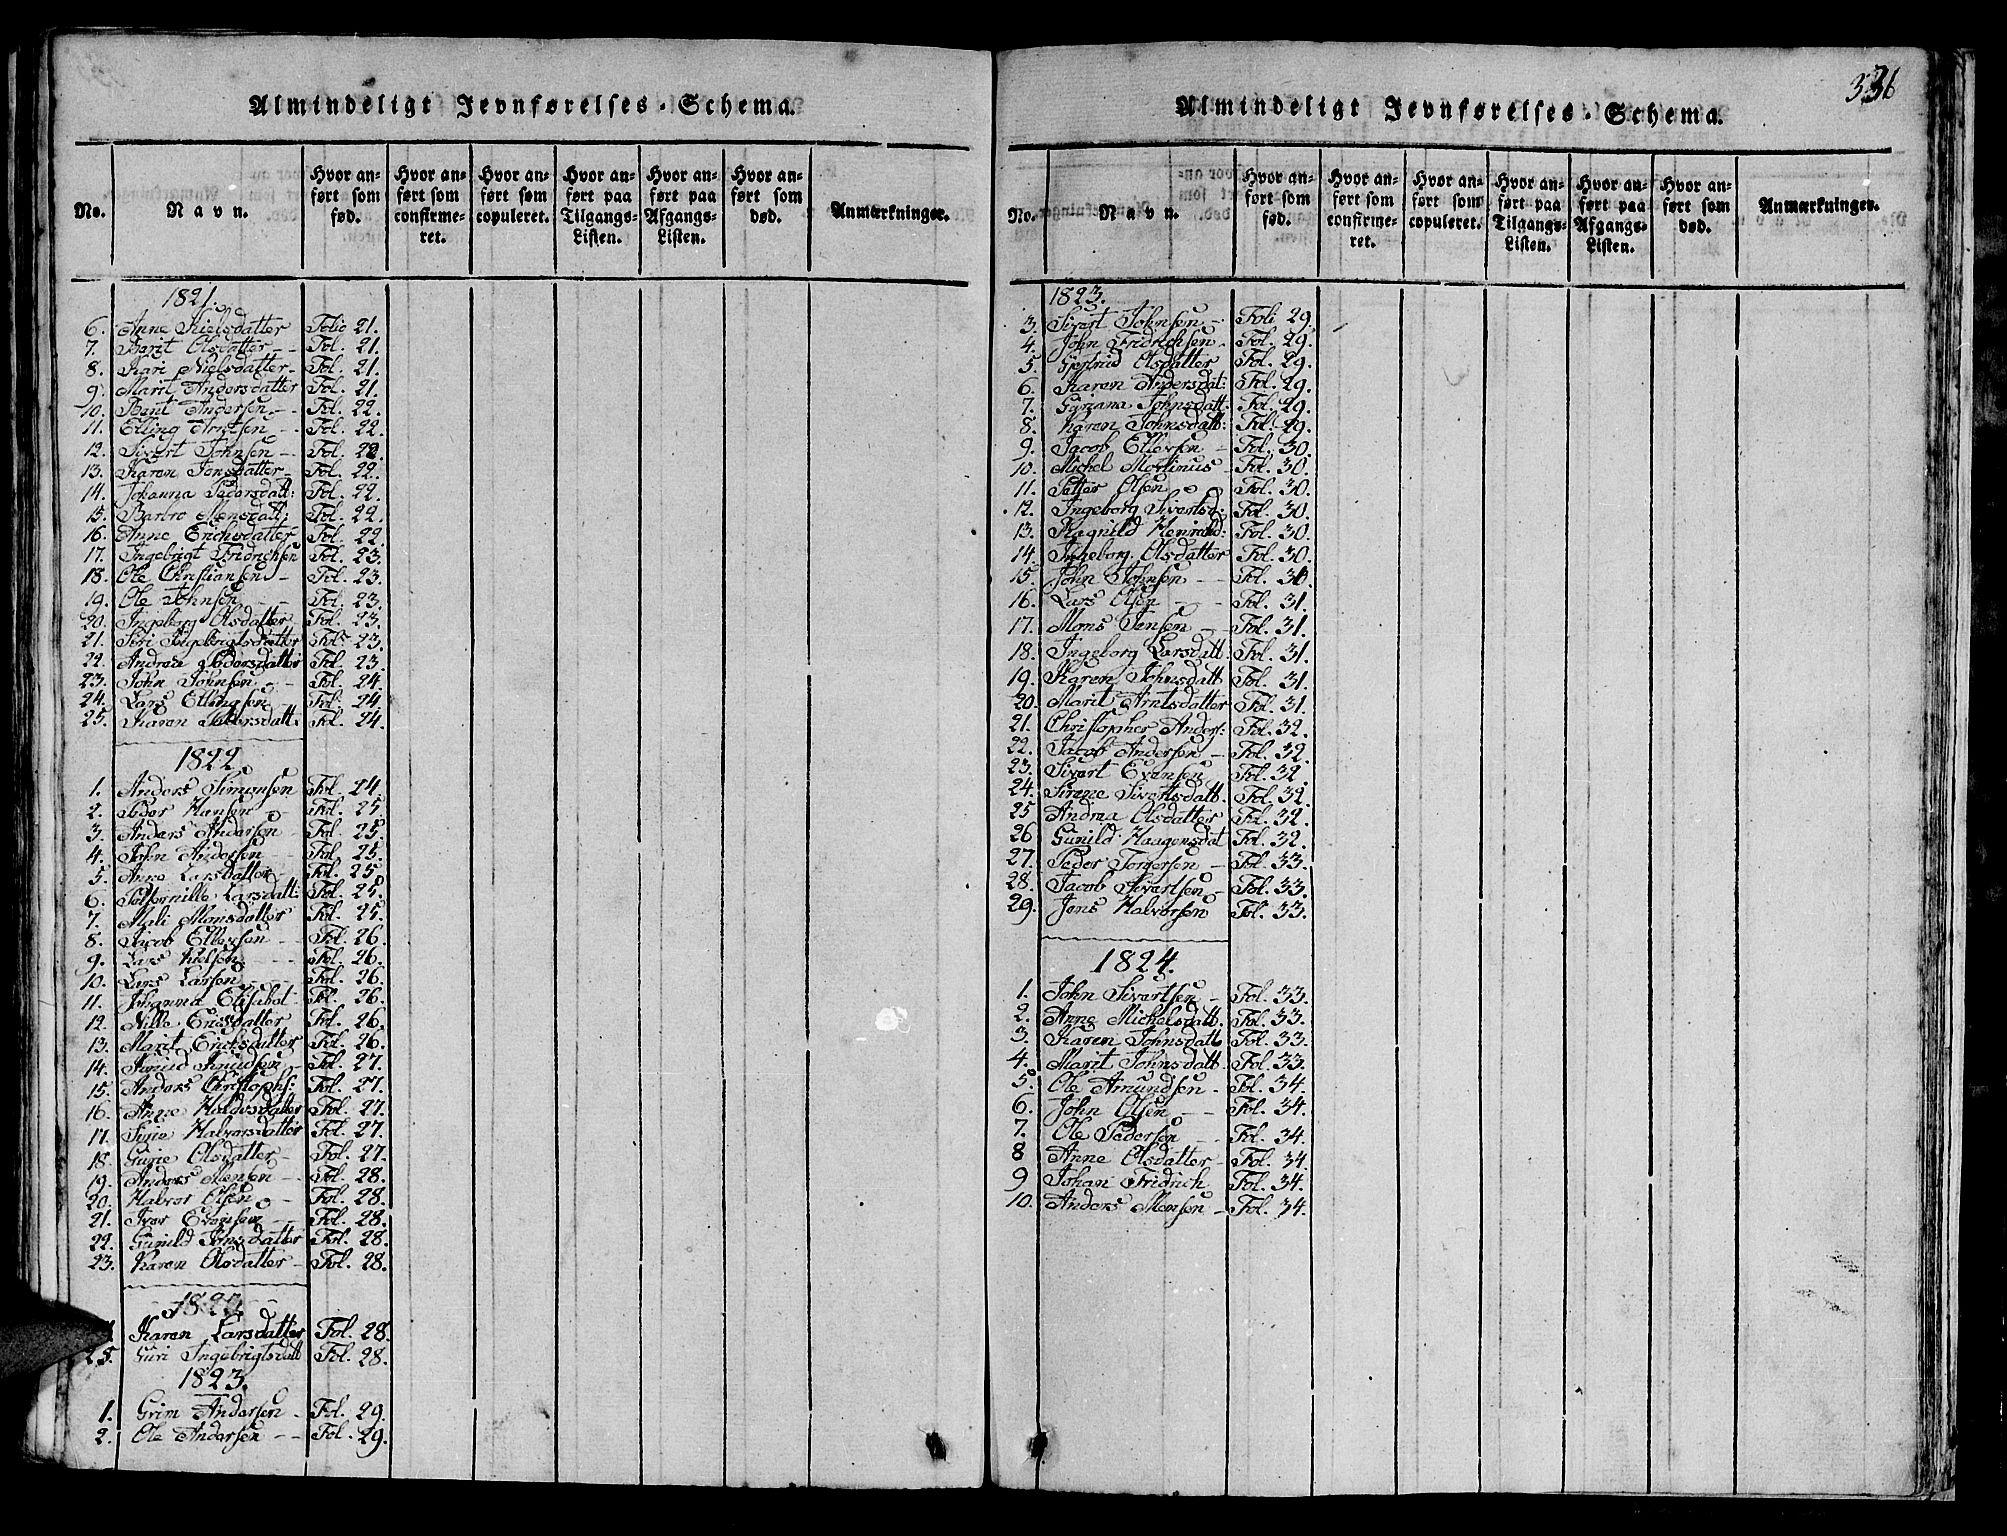 SAT, Ministerialprotokoller, klokkerbøker og fødselsregistre - Sør-Trøndelag, 613/L0393: Klokkerbok nr. 613C01, 1816-1886, s. 386